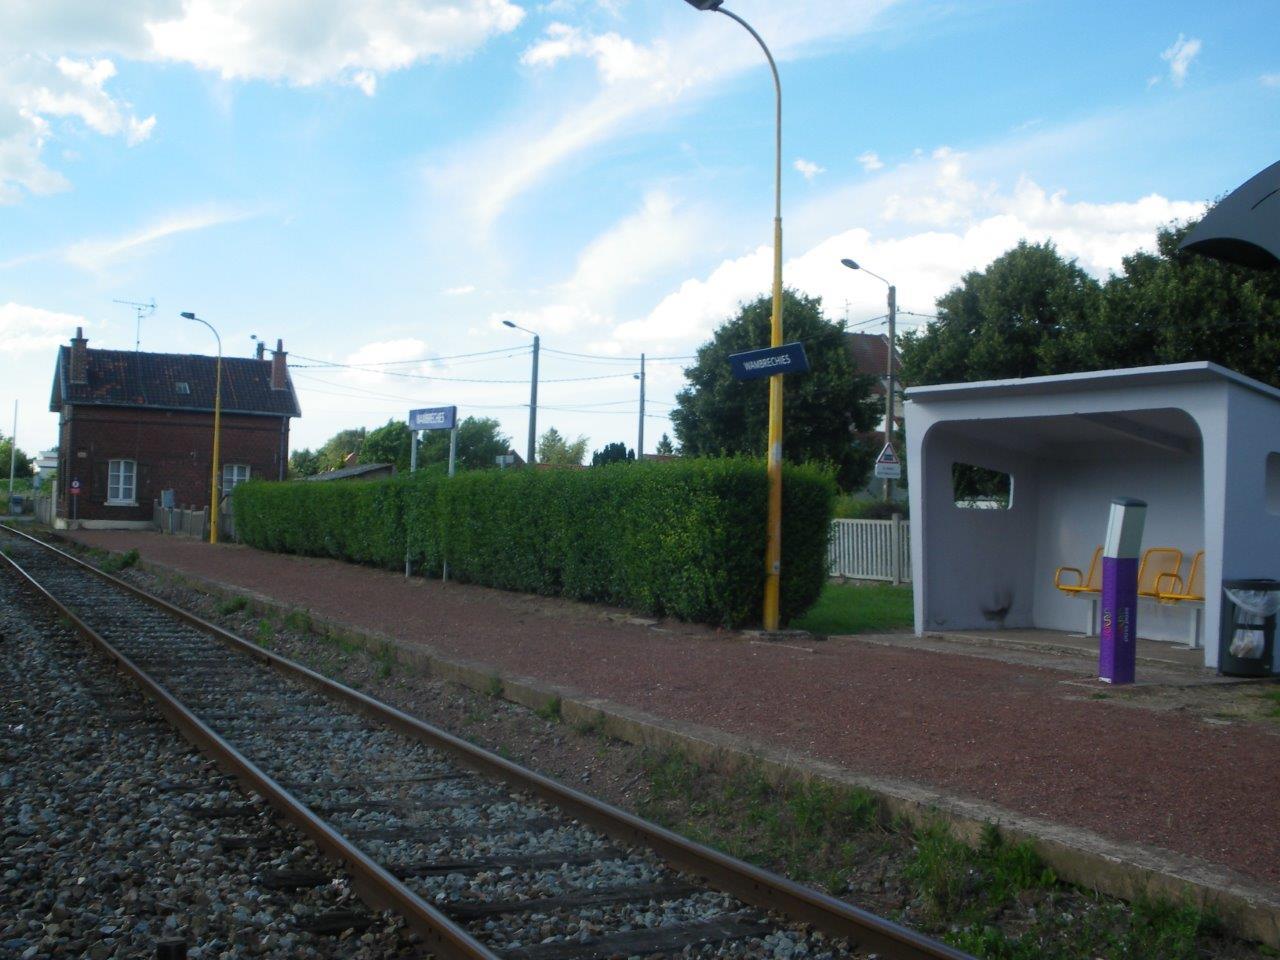 gare-de-wambrechies-train-station